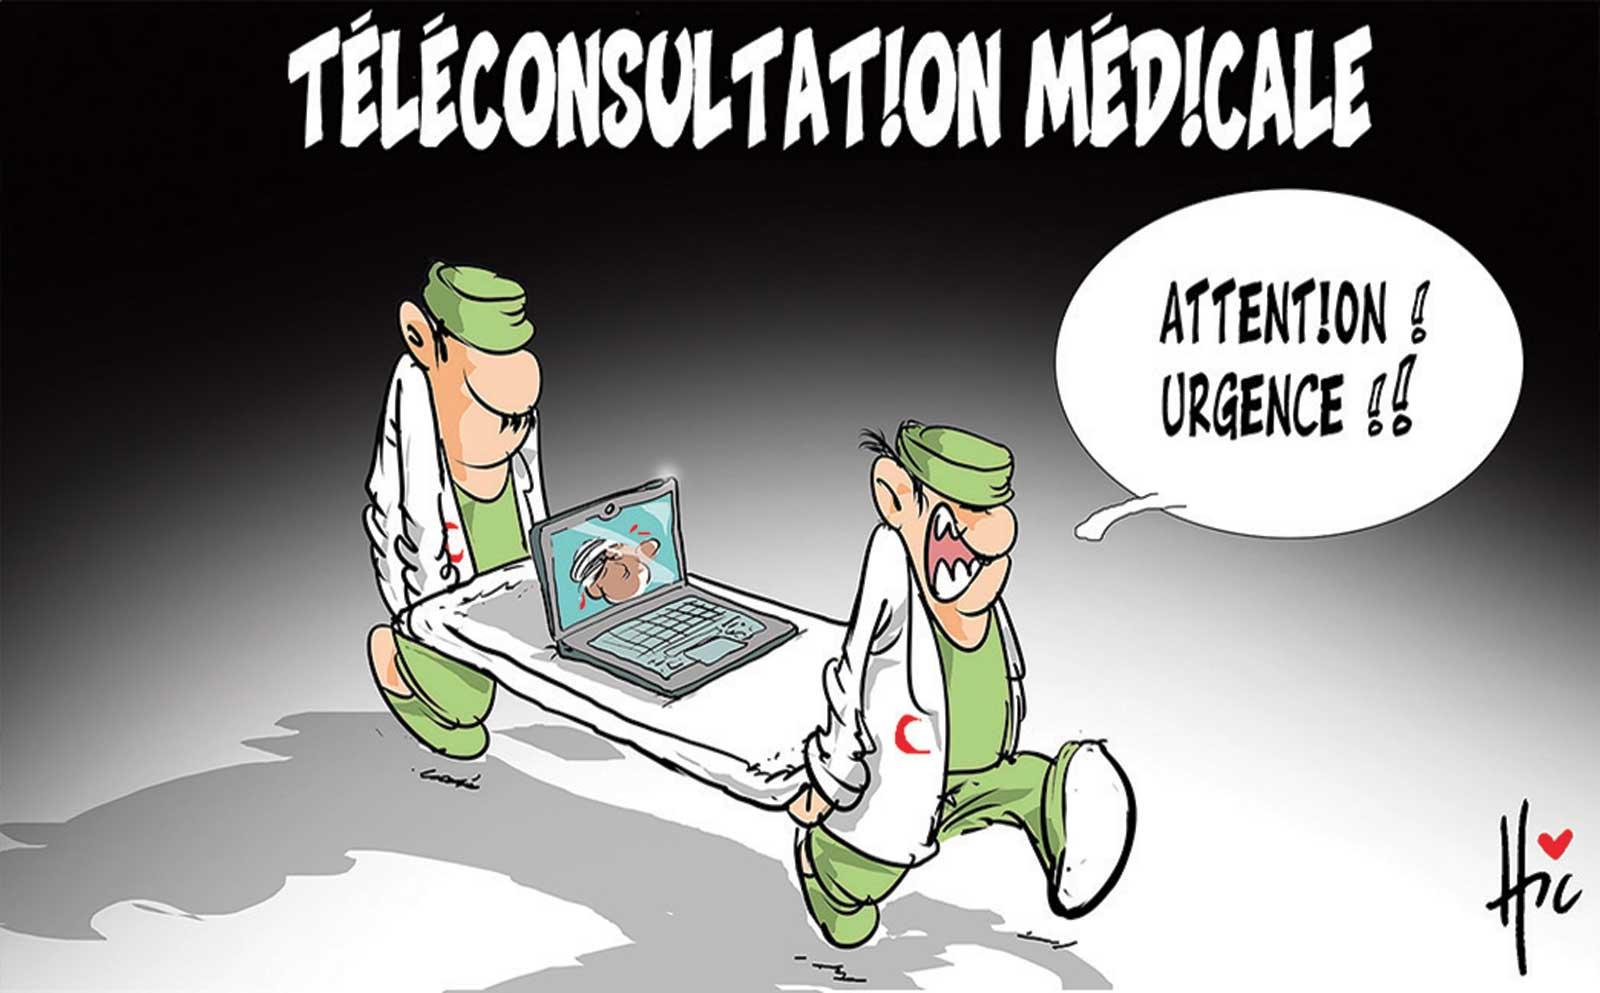 Téléconsultation médicale - Dessins et Caricatures, Le Hic - El Watan - Gagdz.com